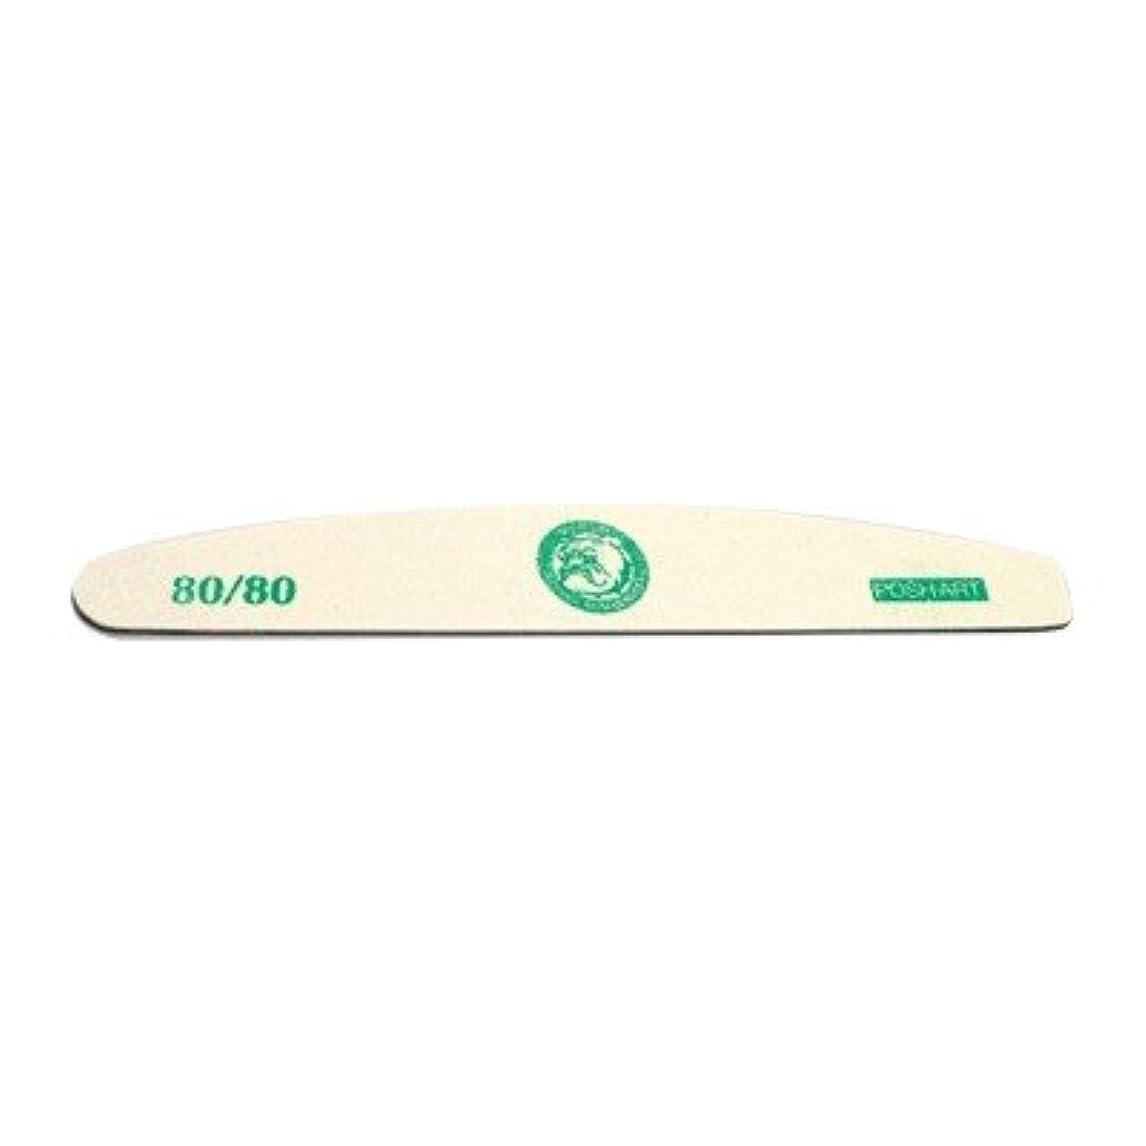 ピグマリオン騒拒絶するPOSH ART ブルファイル 80/80G